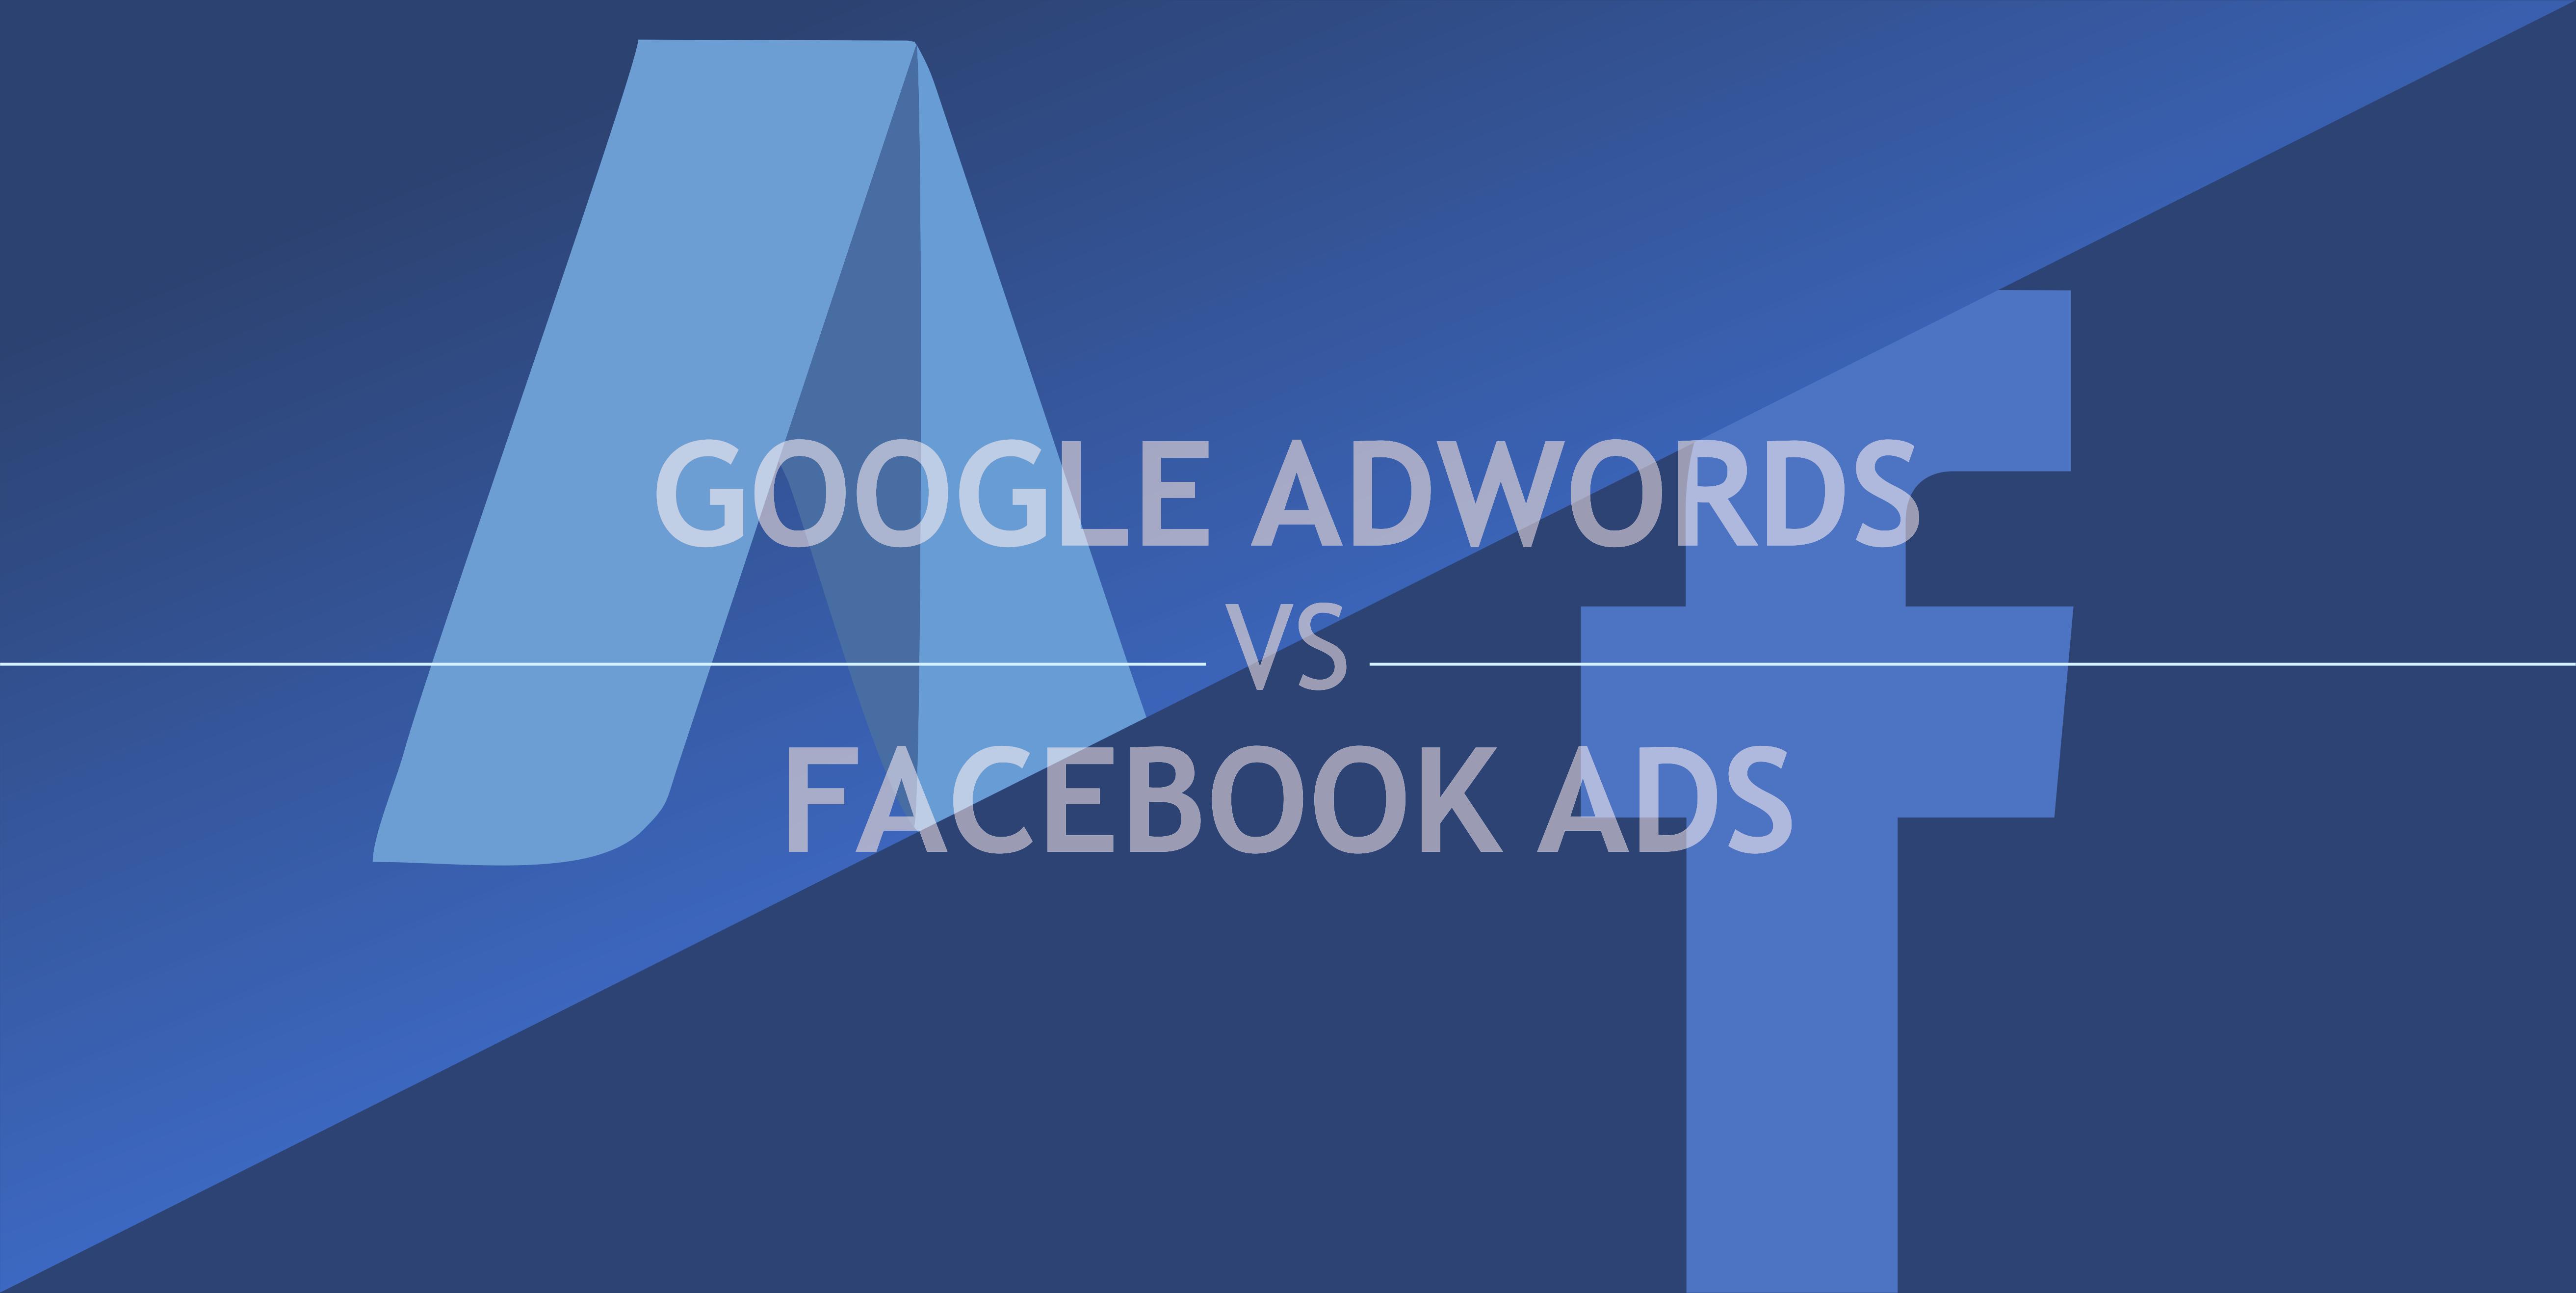 Google AdWords ou Facebook Ads: qual deles traz os melhores resultados?